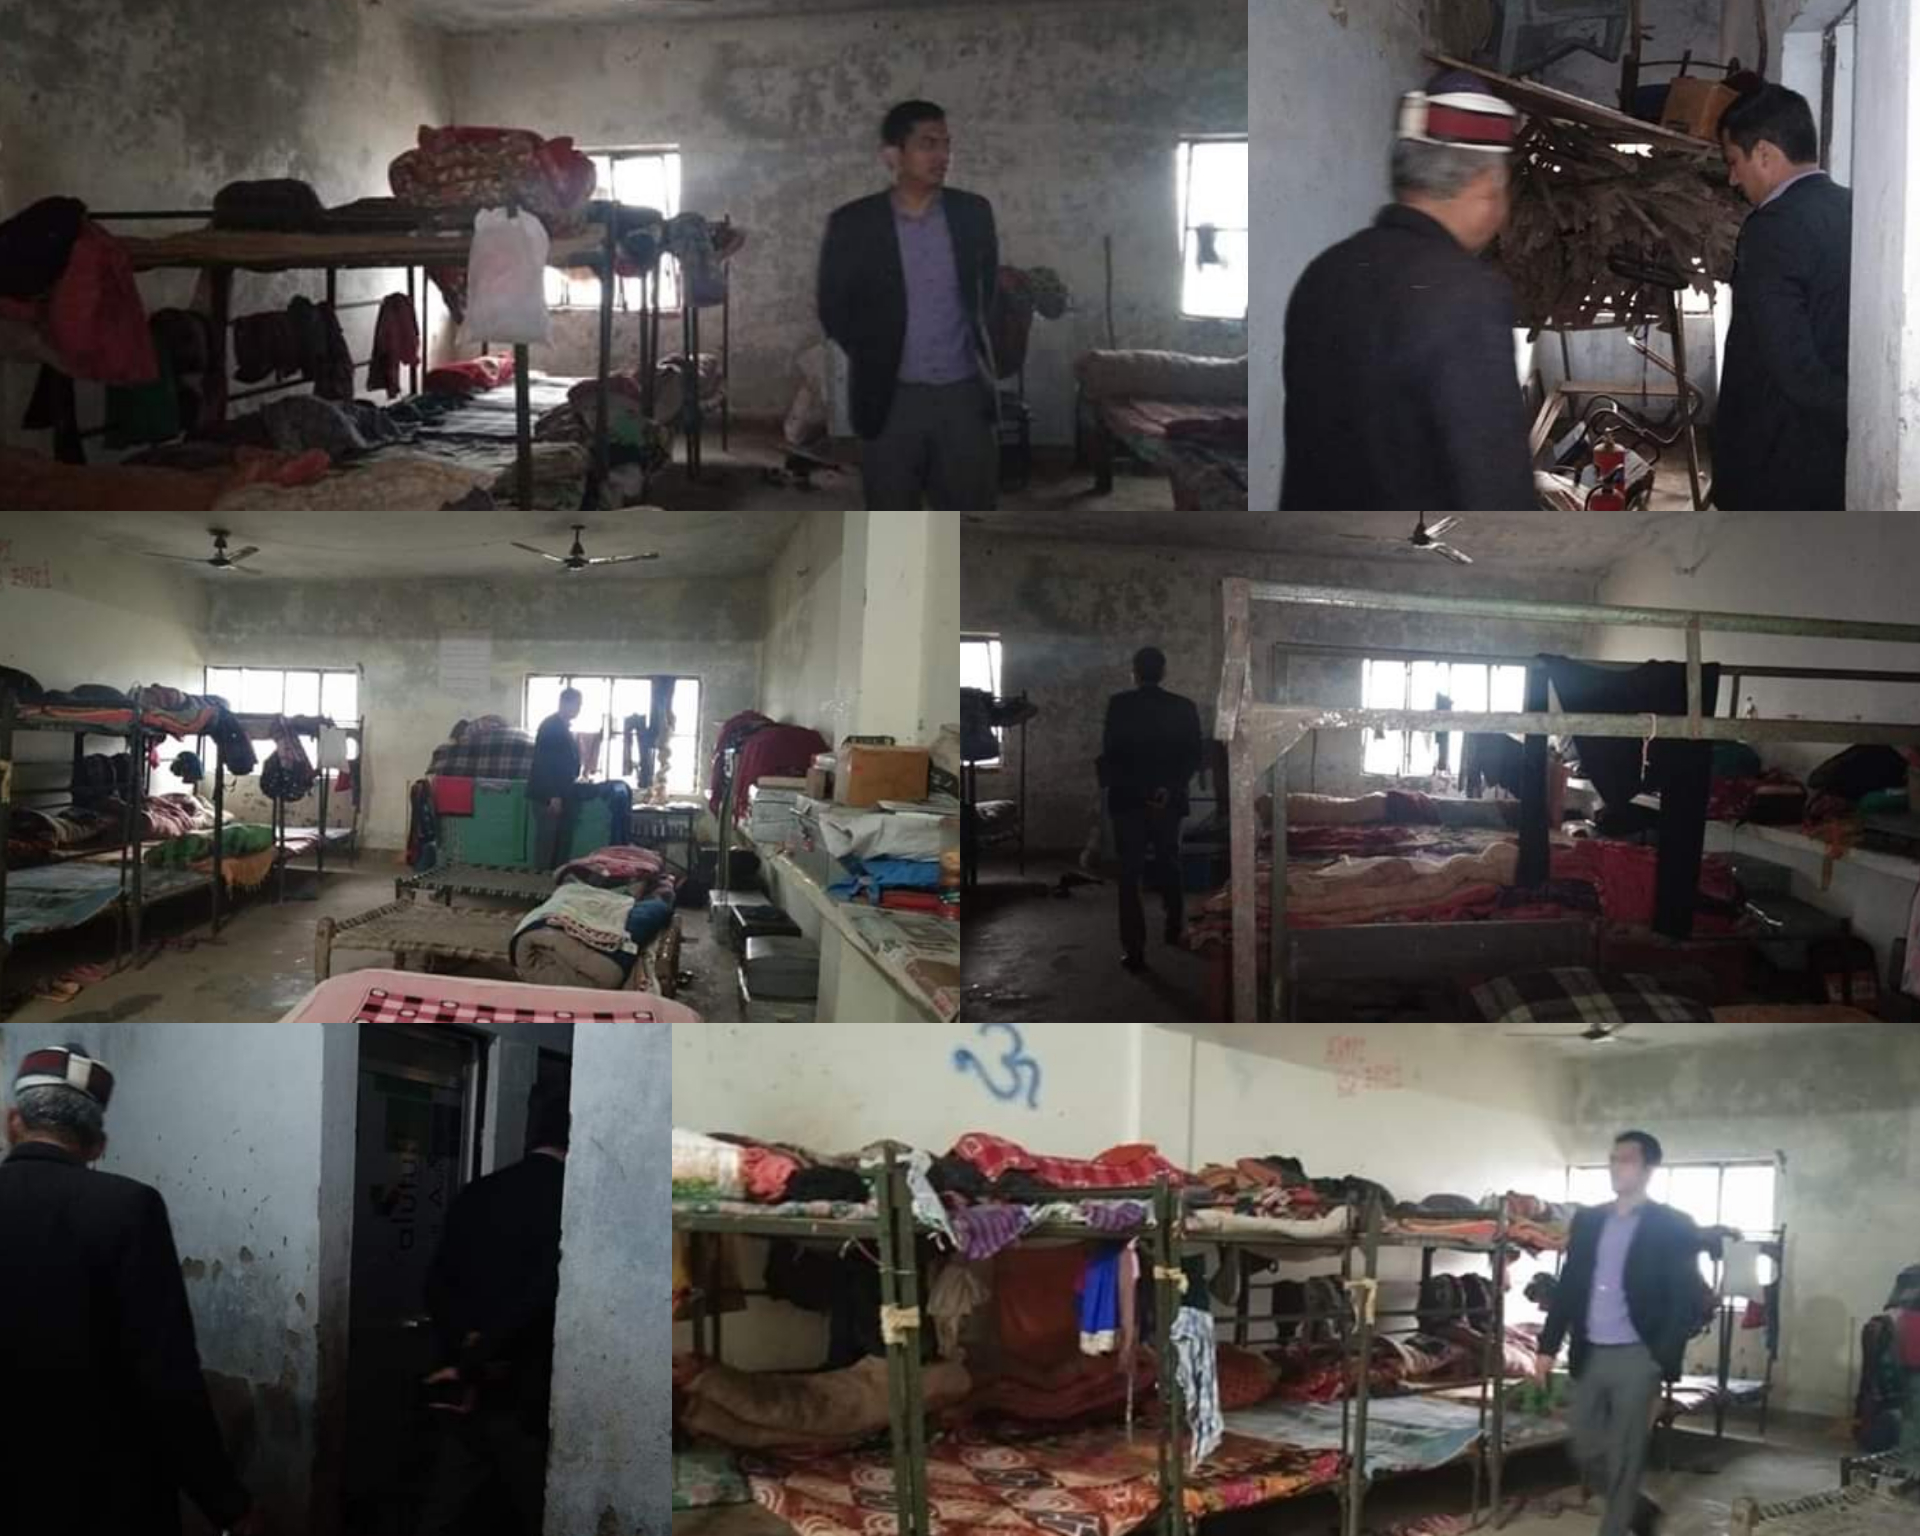 बस्ती: उप जिलाधिकारी के निरीक्षण में बदहाल कस्तूरबा गांधी विद्यालय खुली पोल